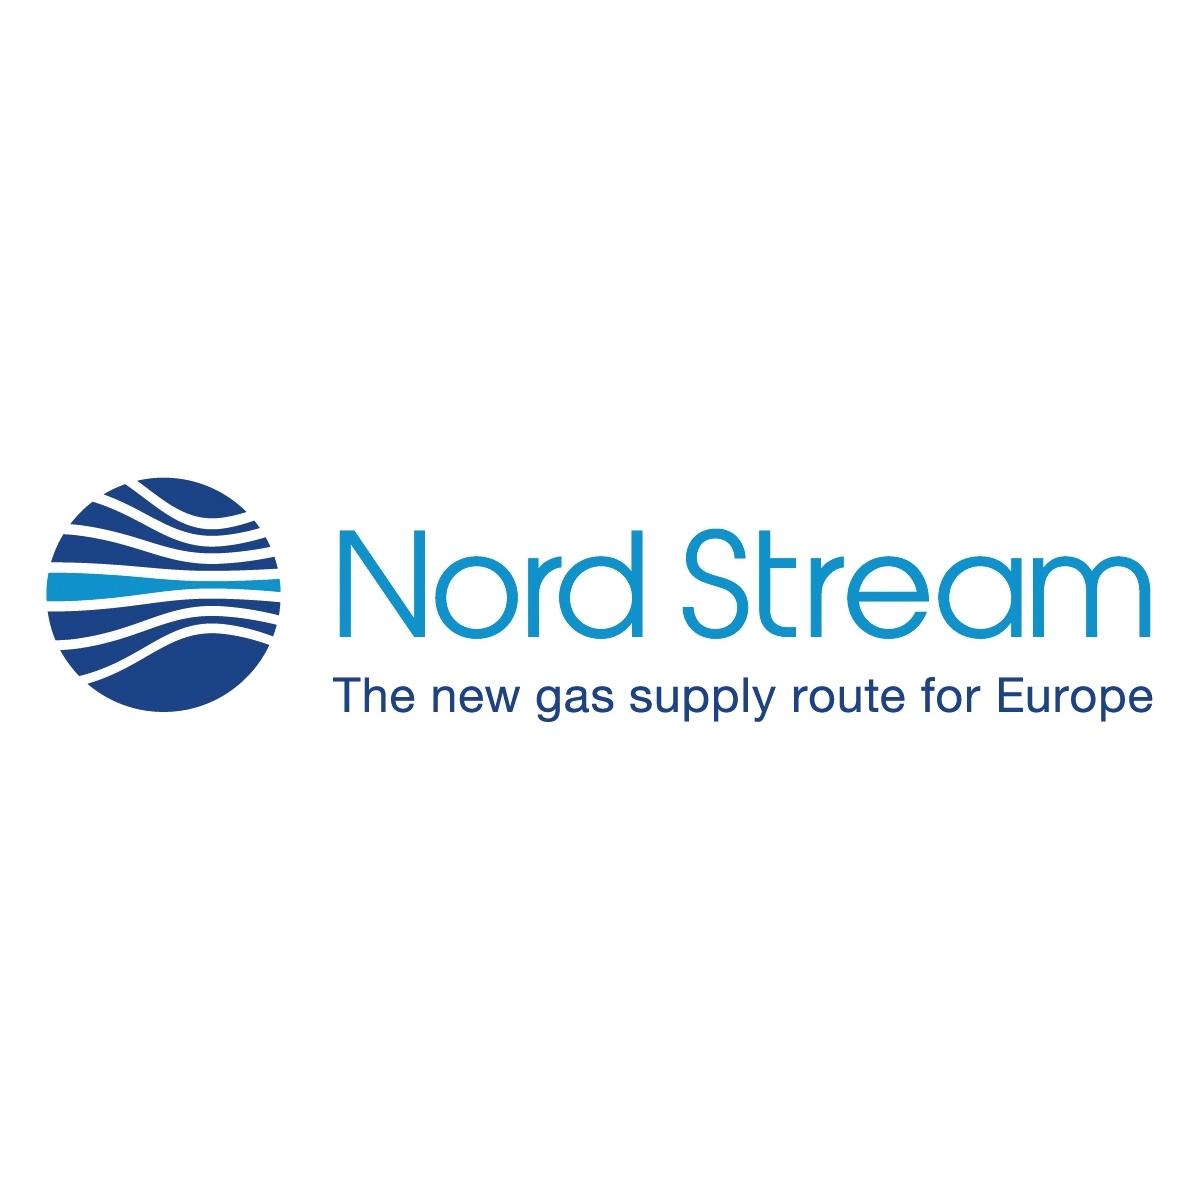 """Los suministros de gas de """"Nord Stream"""" alcanzaron un récord de 59,2 mil millones de metros cúbicos en el 2020"""